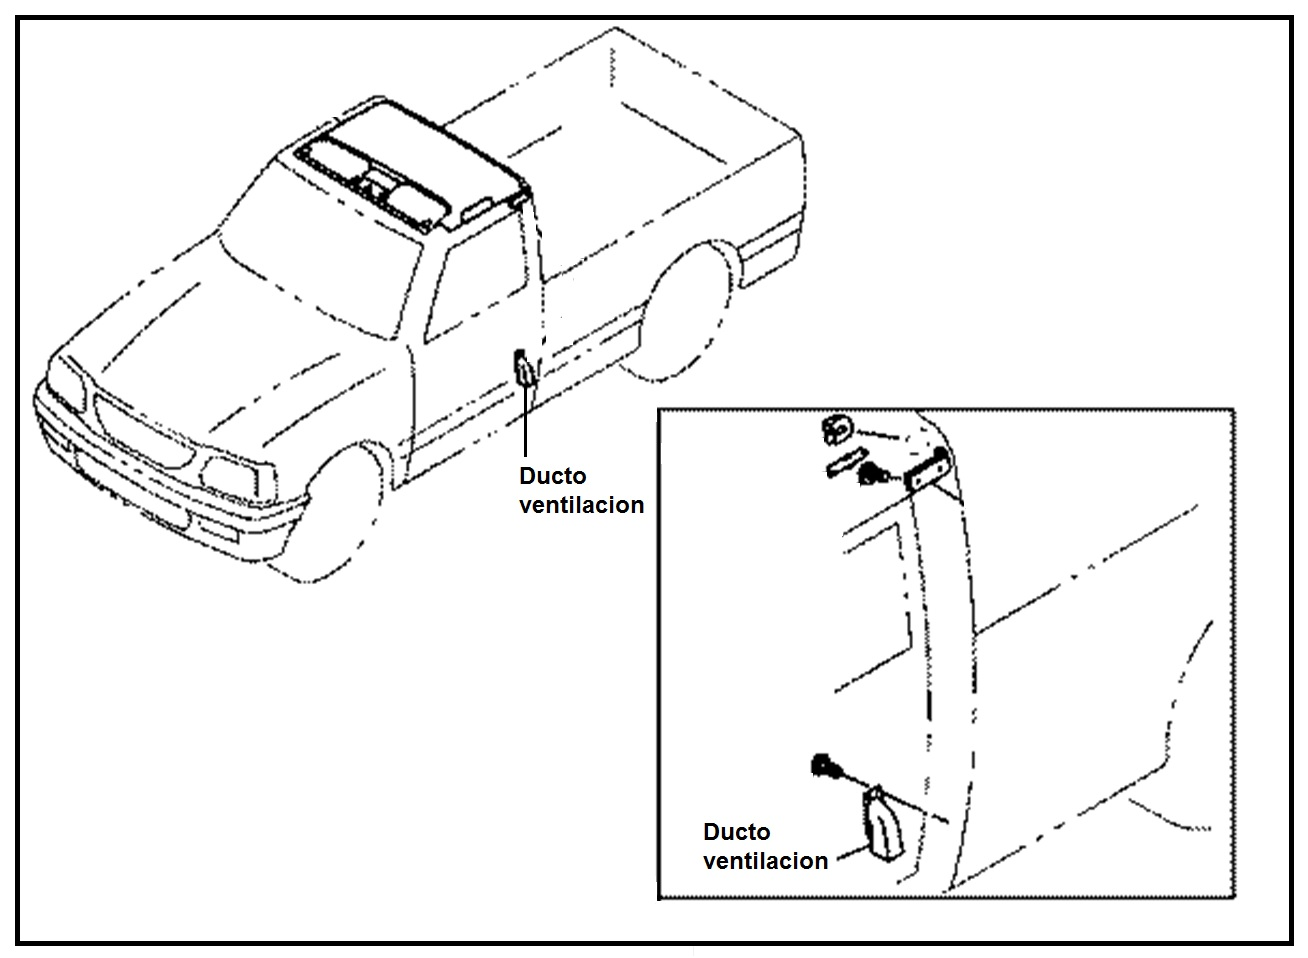 Ducto Ventilacion Paral Trasero Cabina Chevrolet Luv